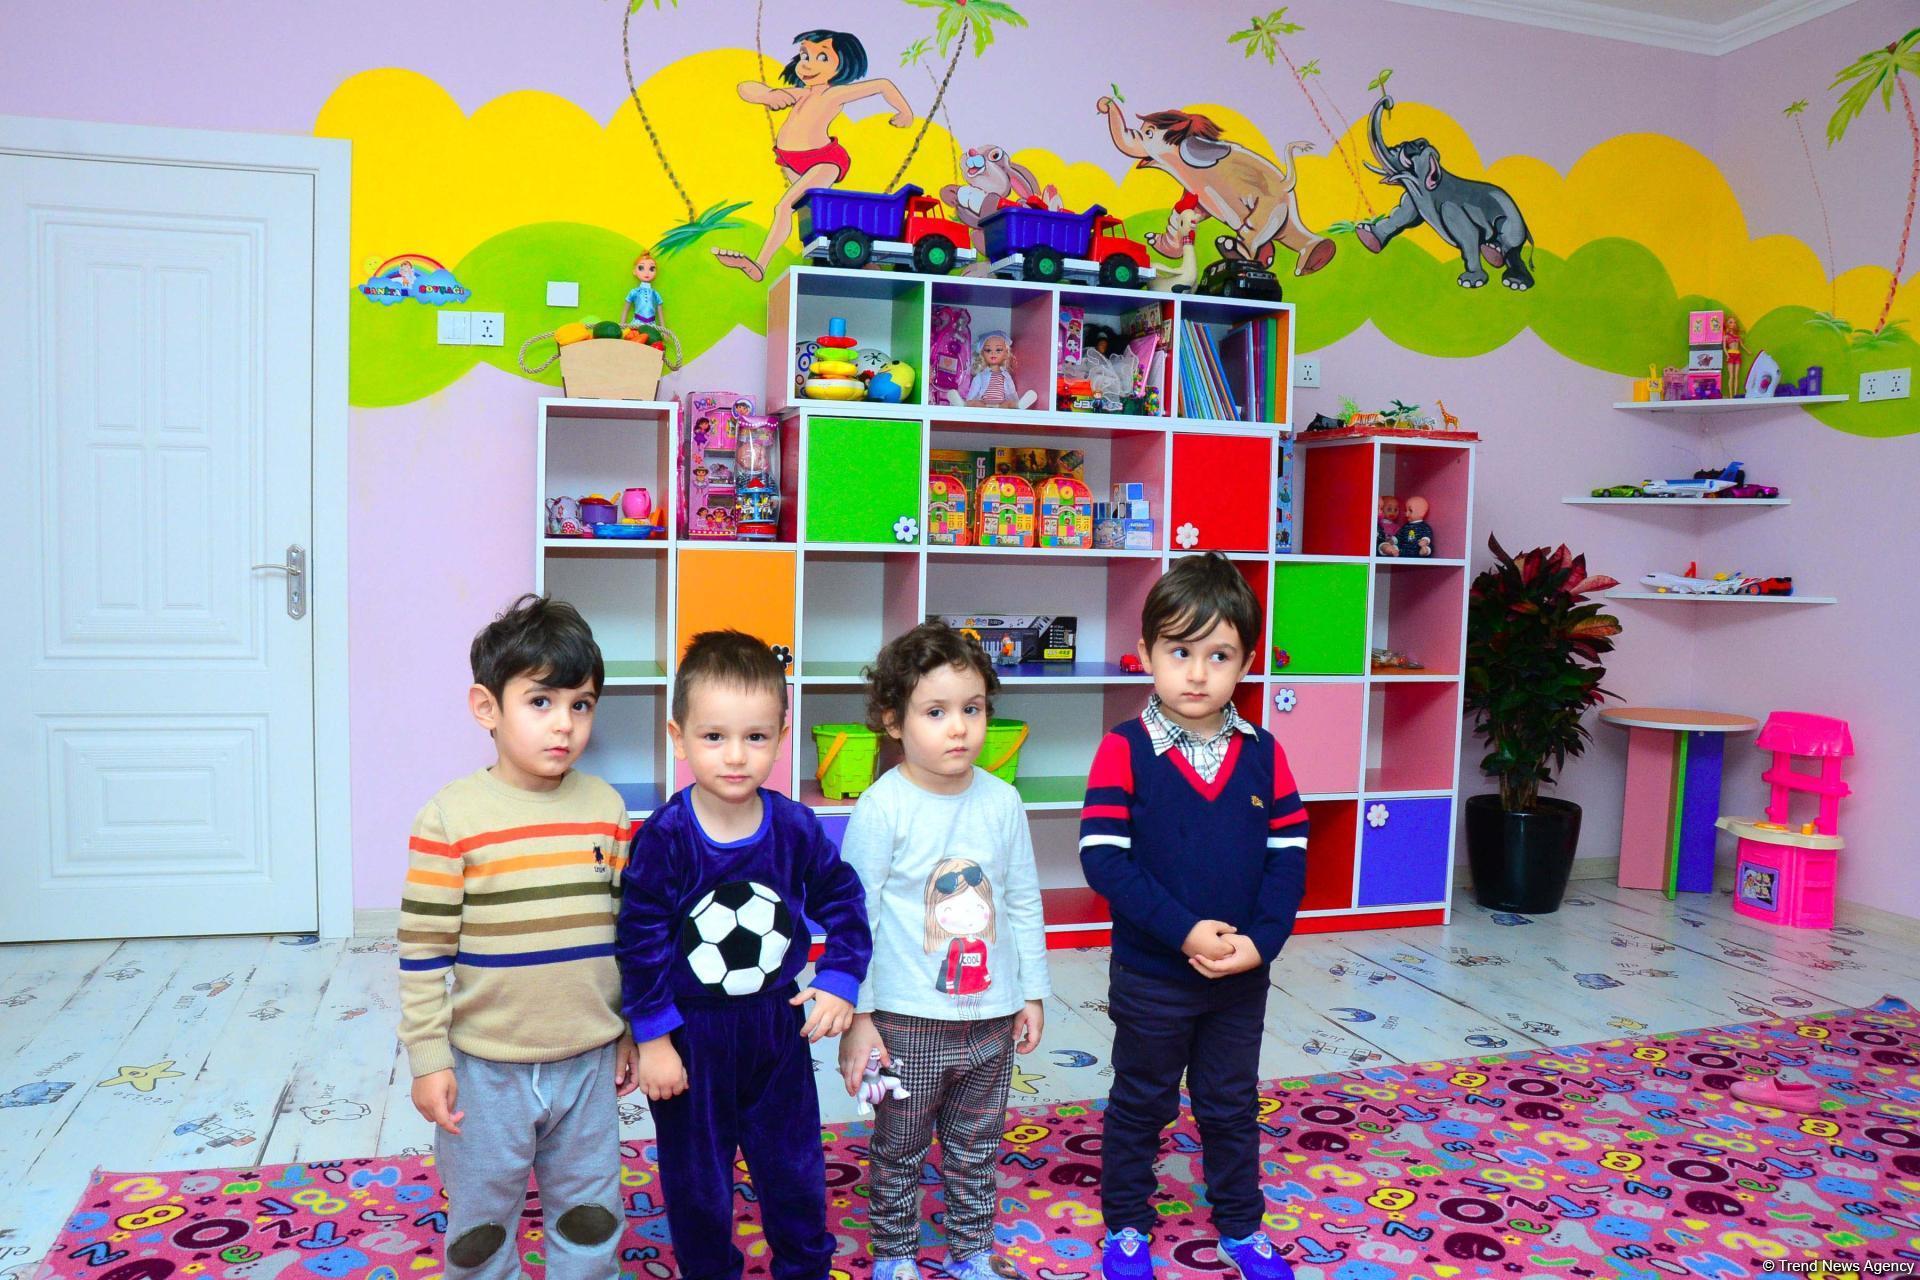 Счастливое детство азербайджанских детей - репортаж из детского сада номер 64 в Баку (ВИДЕО, ФОТО) - Gallery Image